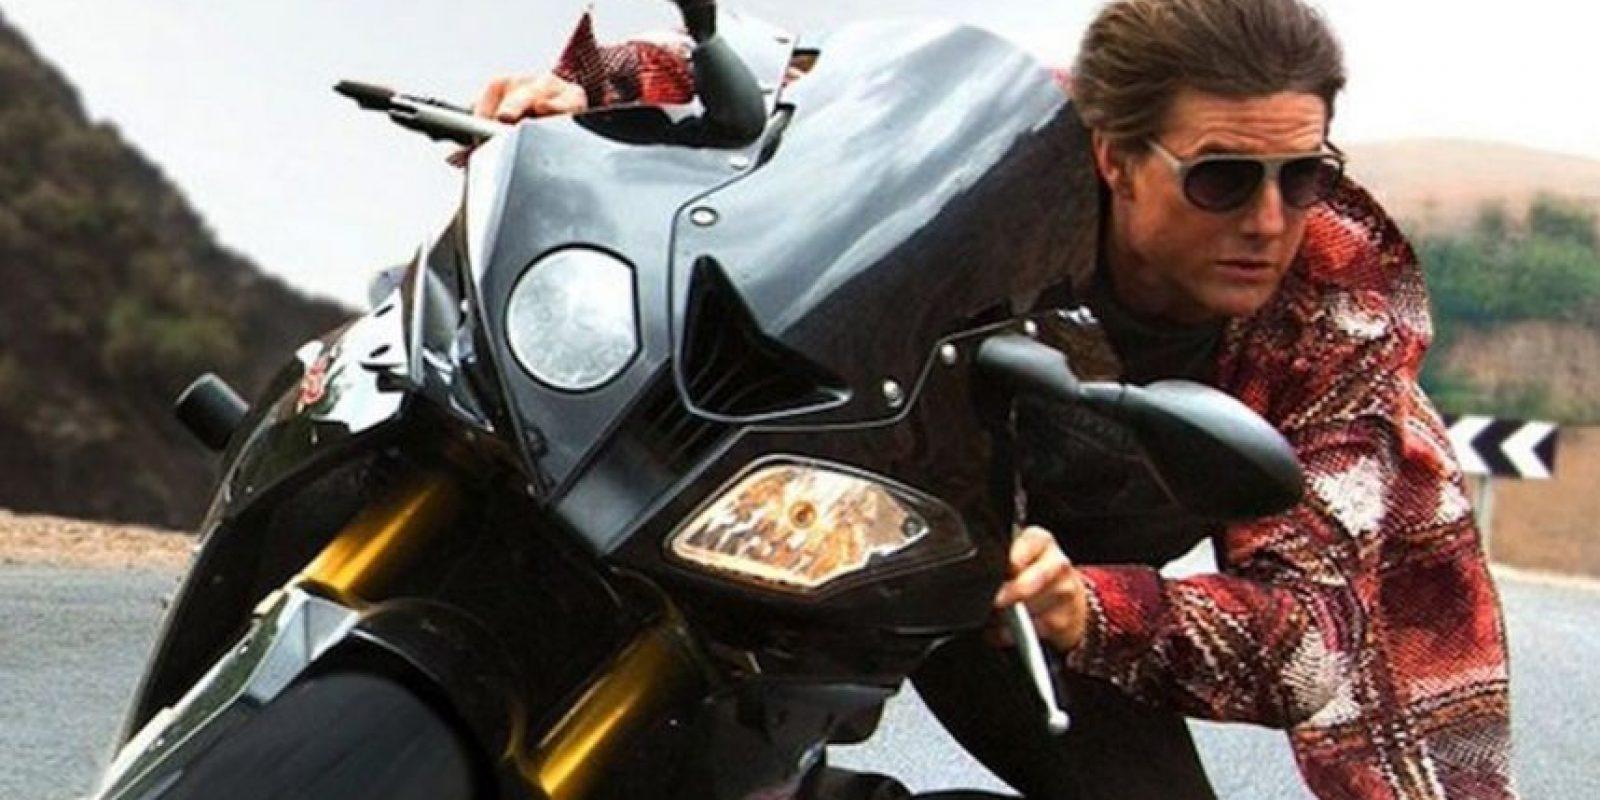 En moto Foto:Misión Imposible